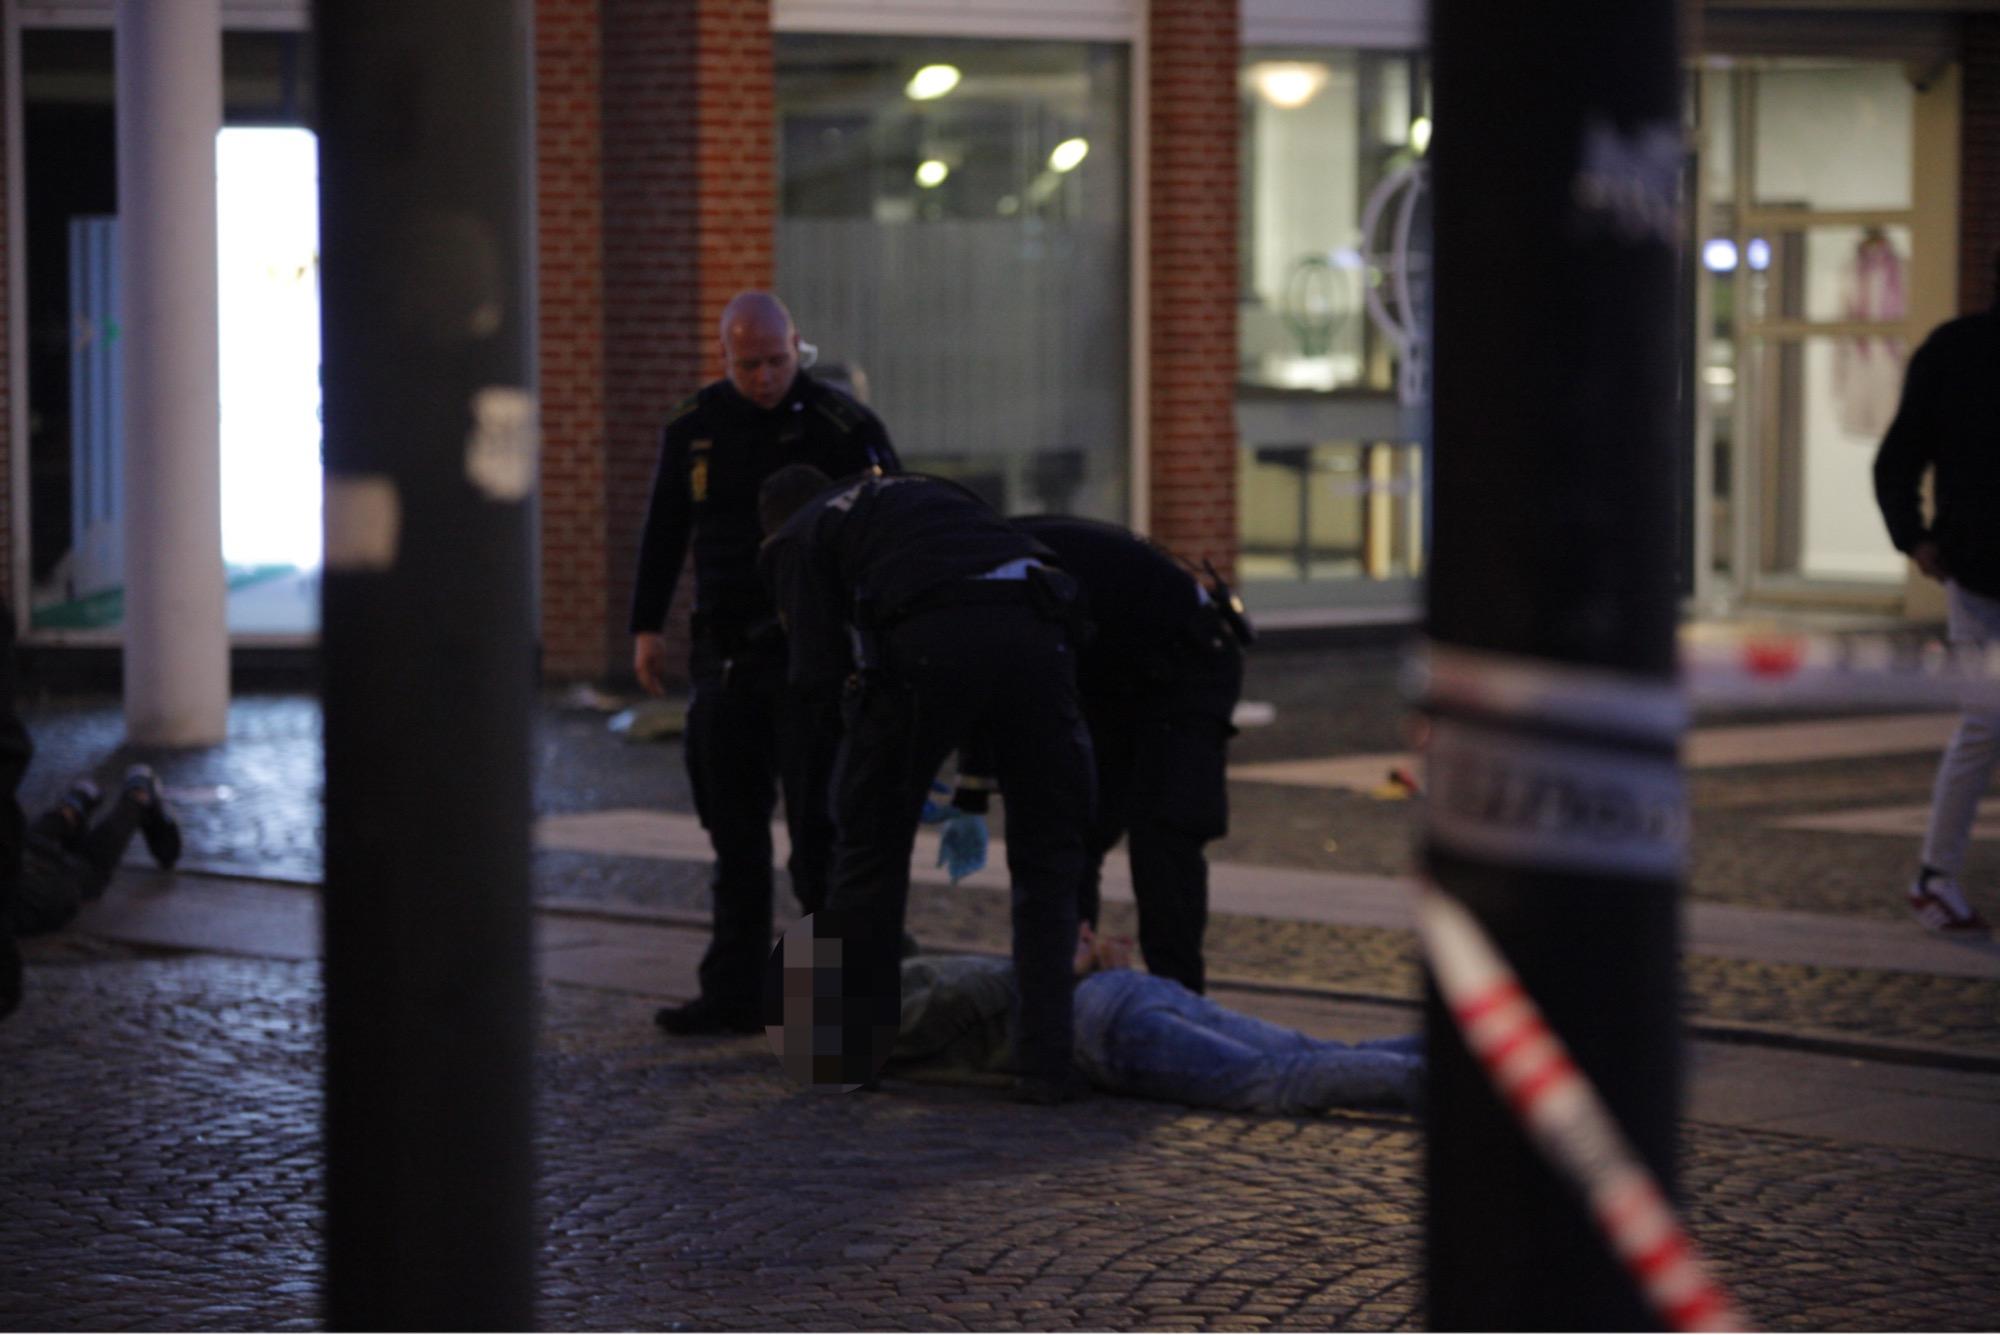 Slagsmål og anholdelser i Esbjerg